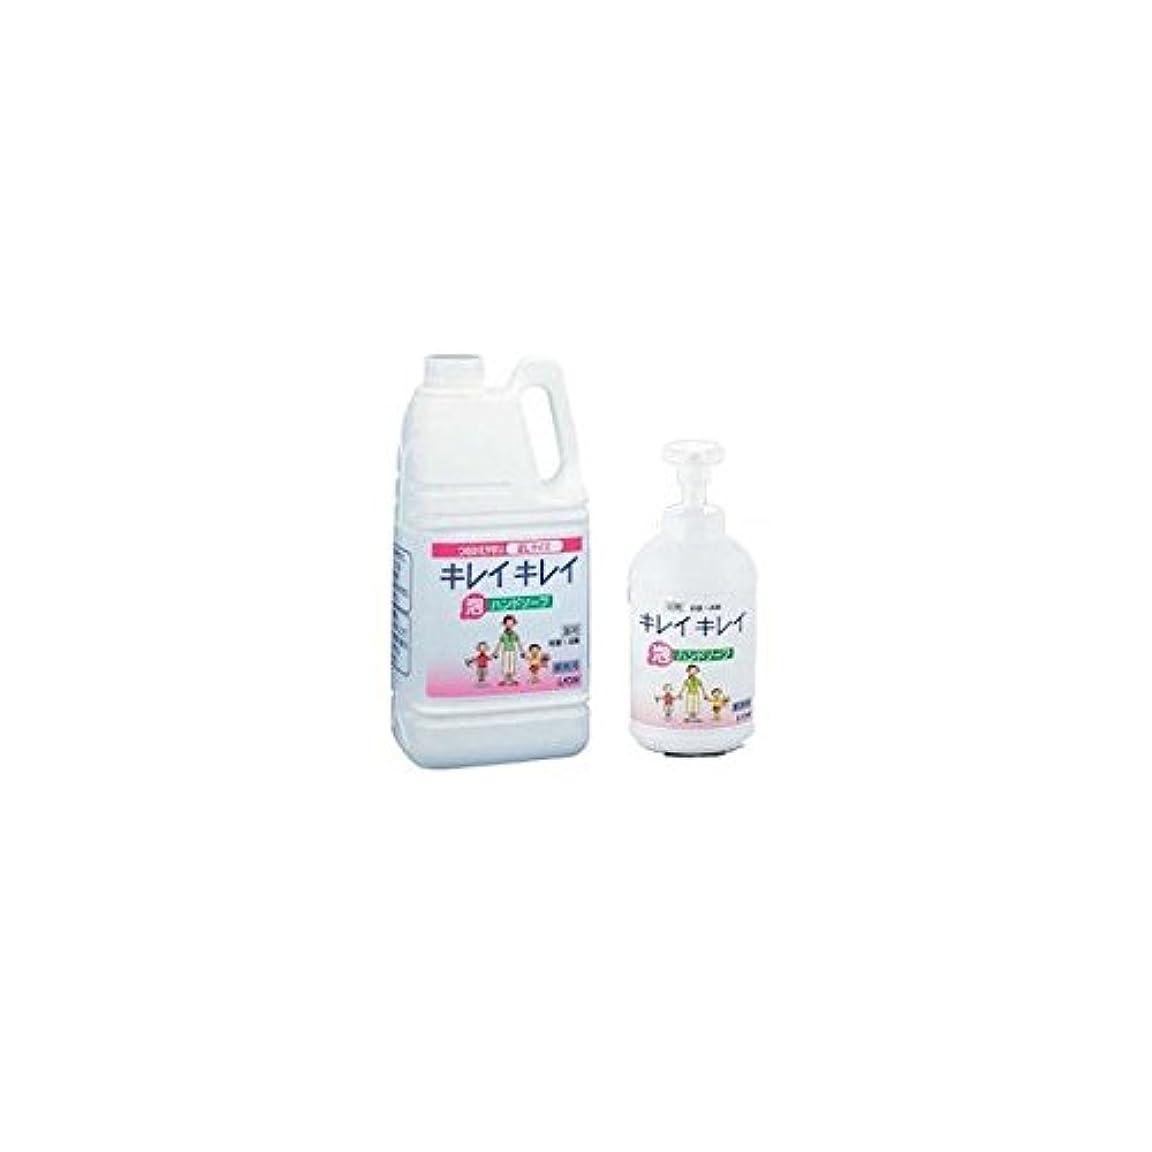 このチューリップまばたきライオン キレイキレイ薬用泡ハンドソープ 2L(700ML専用ポンプ付) 【品番】JHV2503